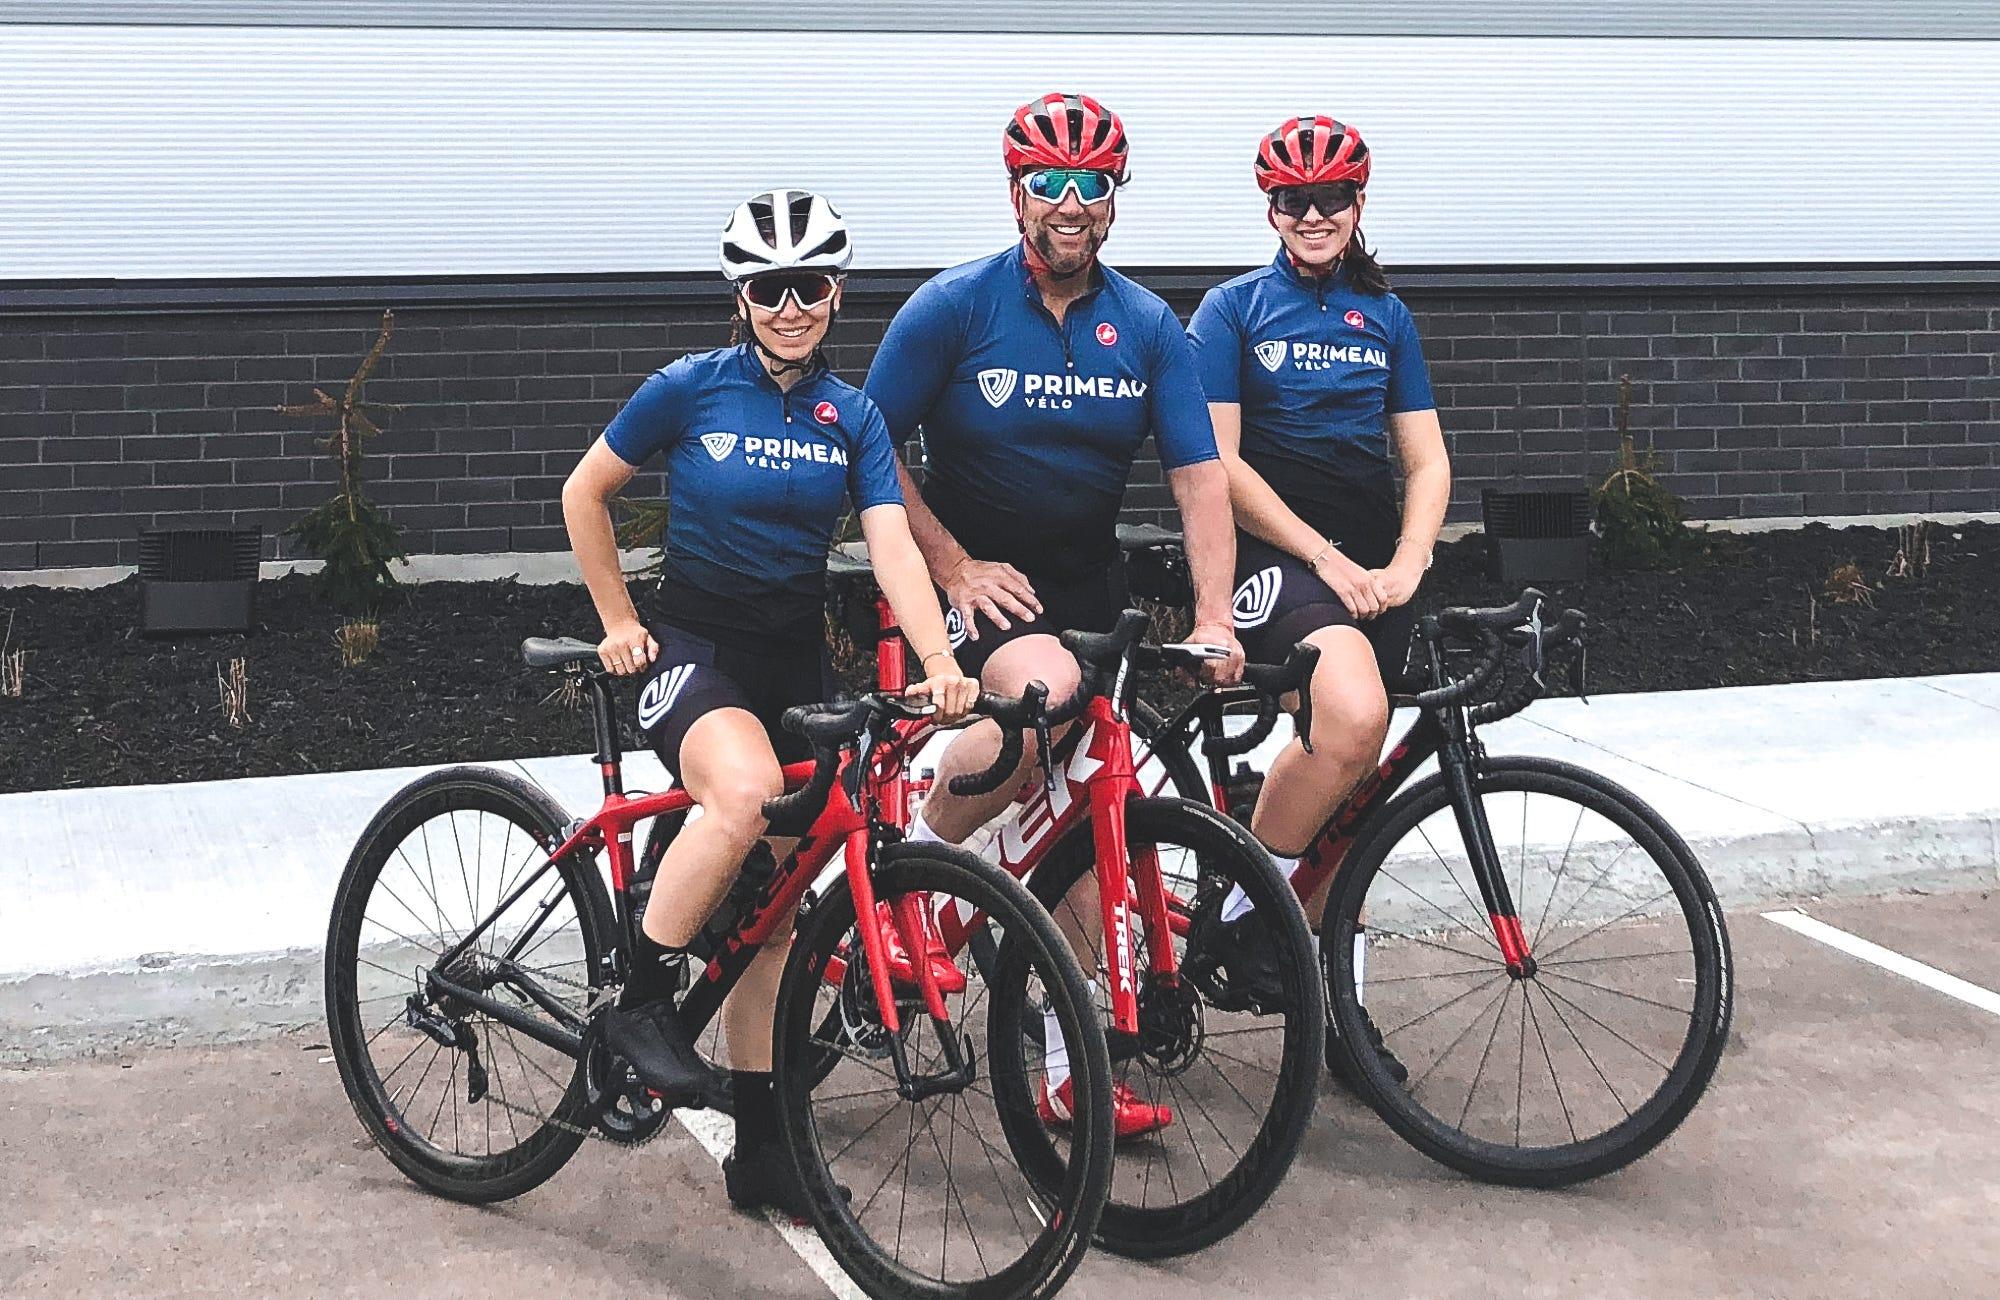 Camille Primeau, Éric Primeau et Pénélope Primeau, 3e et 4e génération de Primeau chez Primeau Vélo